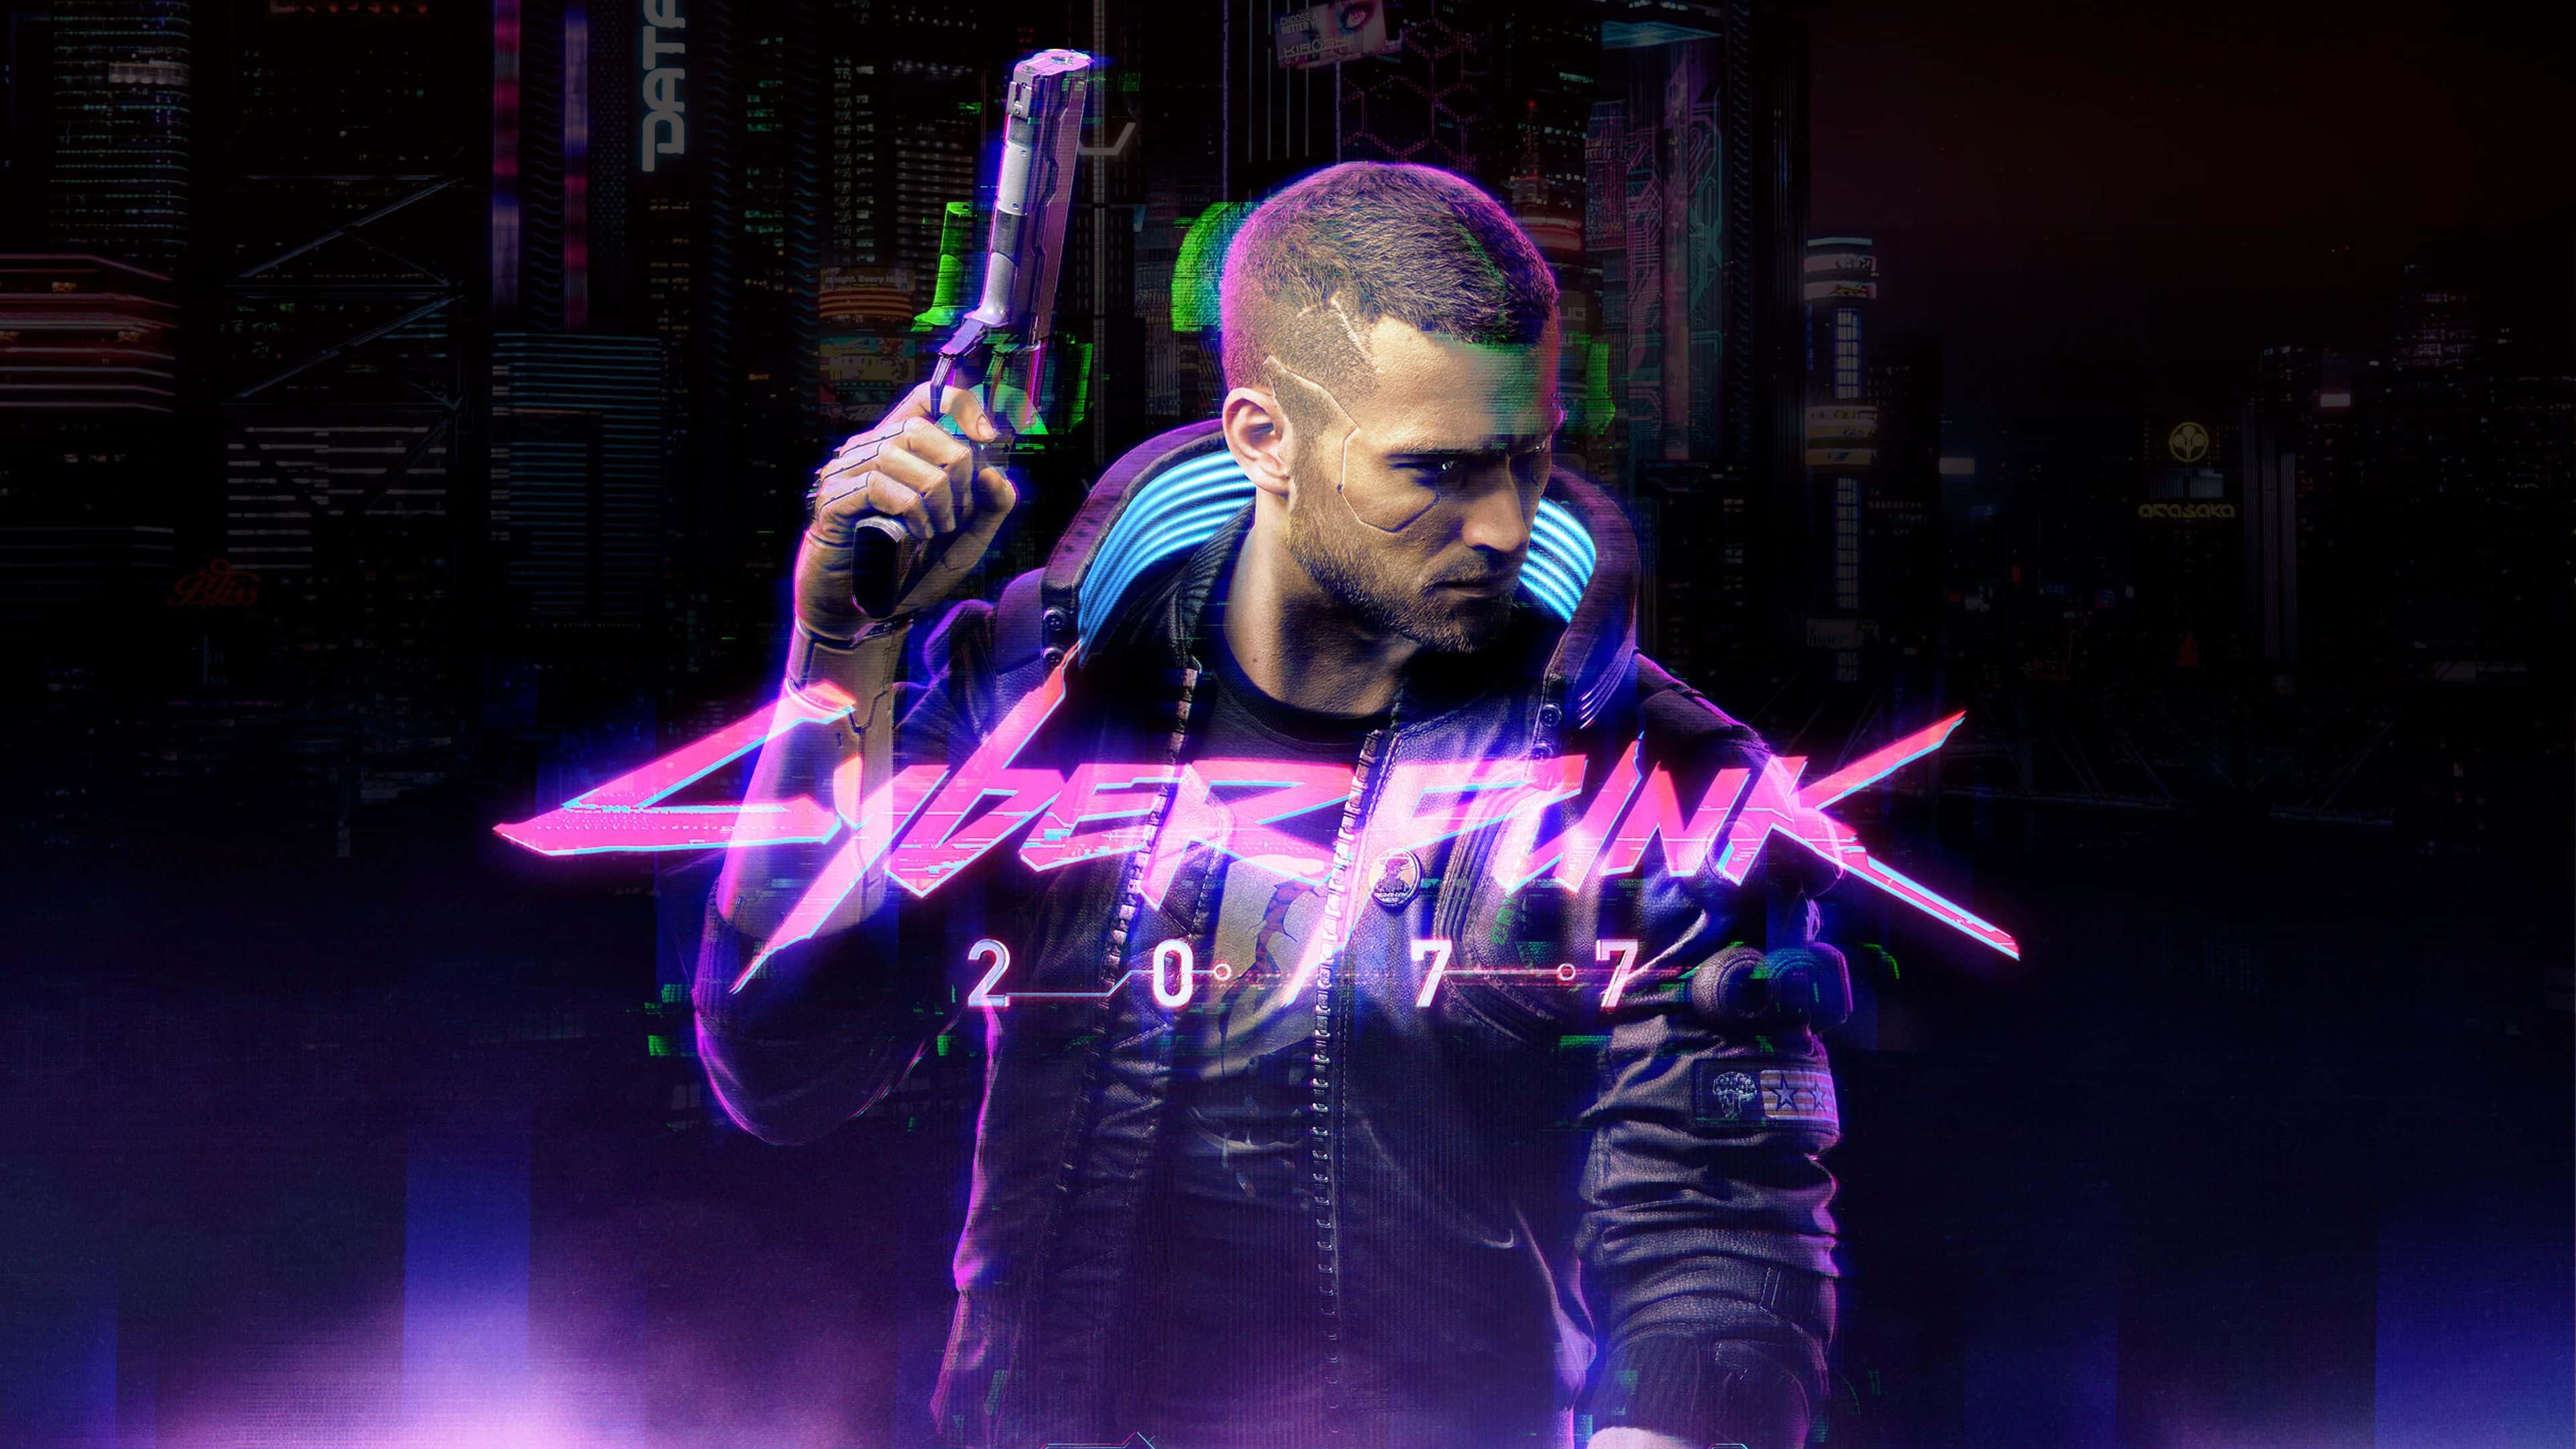 Cyberpunk 2077 já está disponível em pré-venda e tem data de lançamento para 19 de novembro de 2020